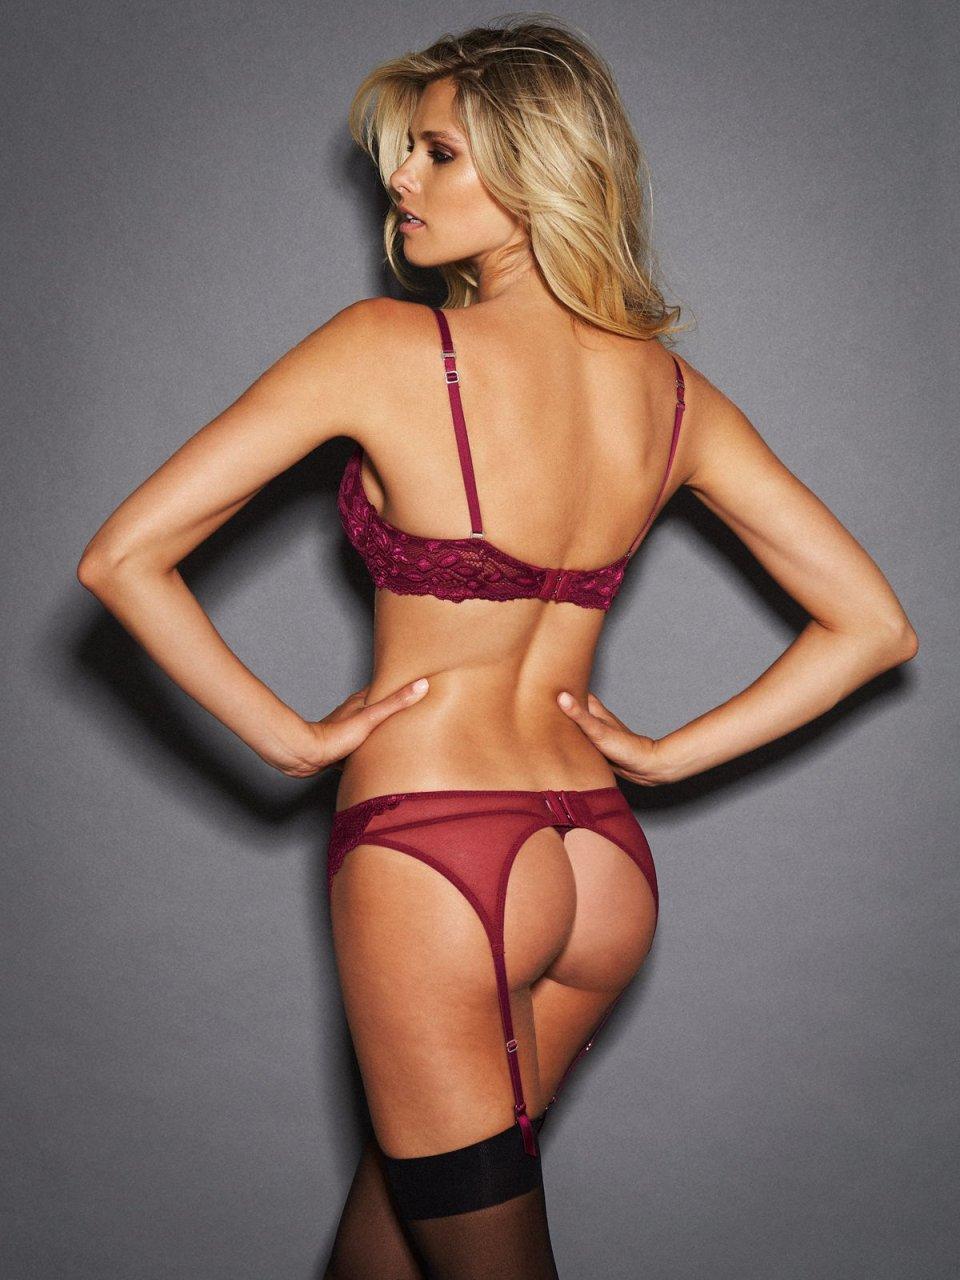 Natalie Jayne Tits nudes (12 pics)